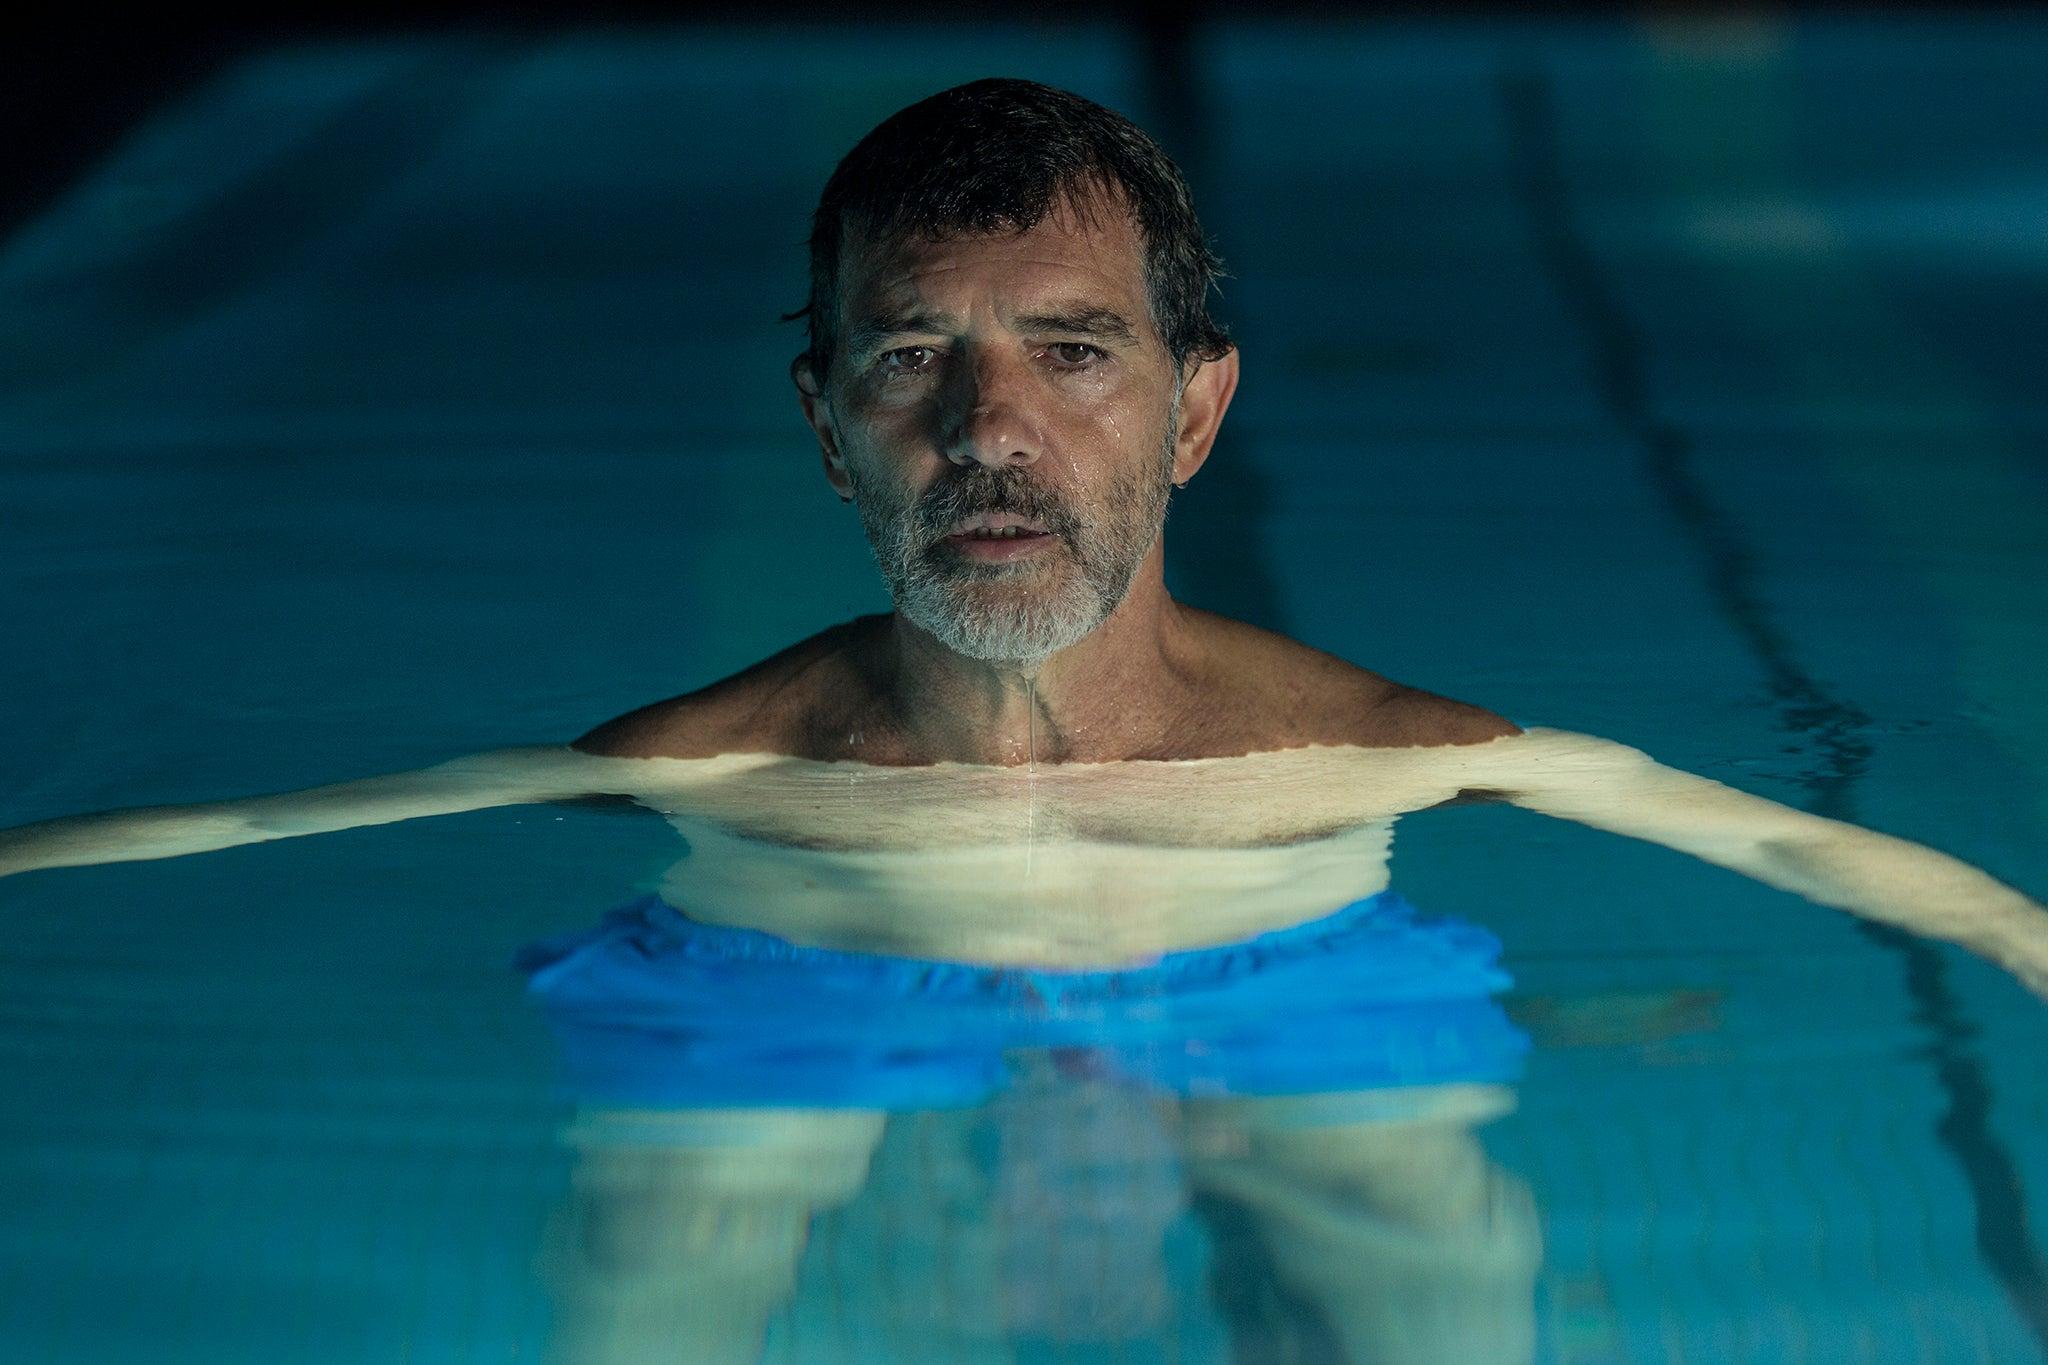 Antonio Banderas as Salvador Mallo